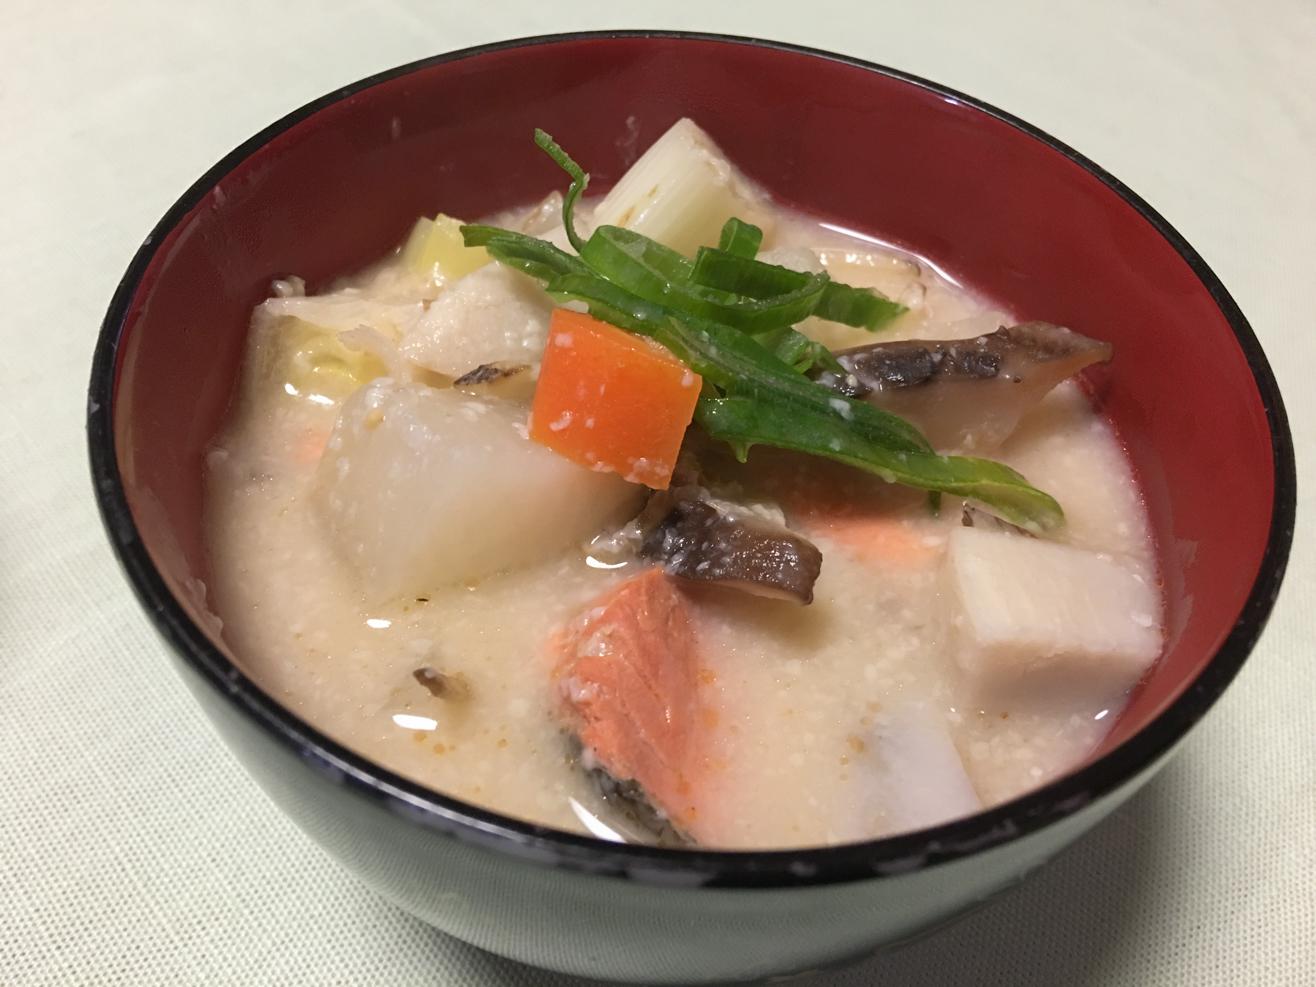 鮭の粕汁の写真